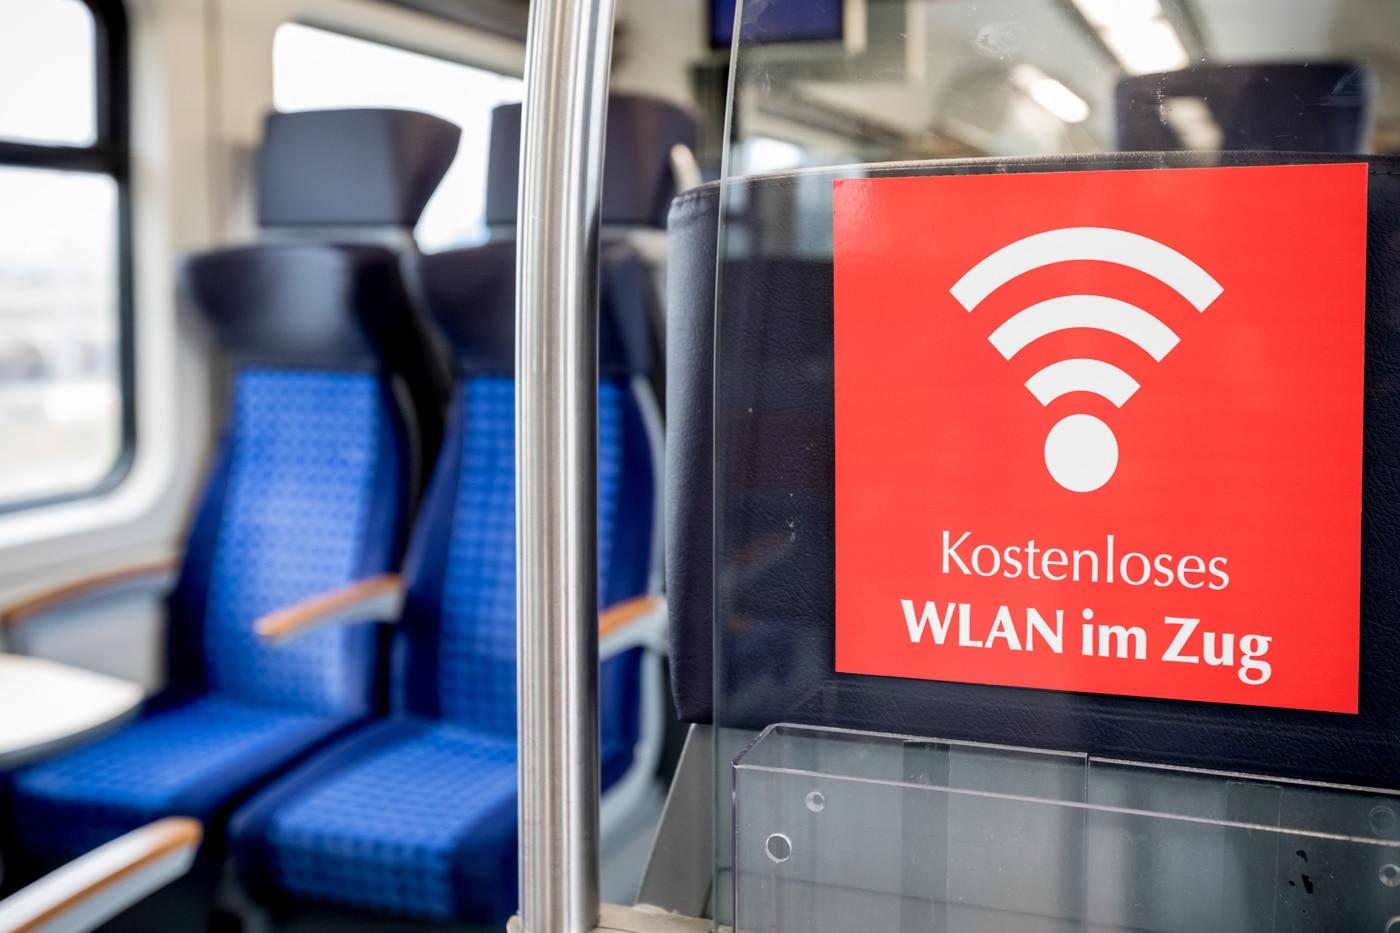 Regionalbahn mit kostenlosem WLAN im Zug